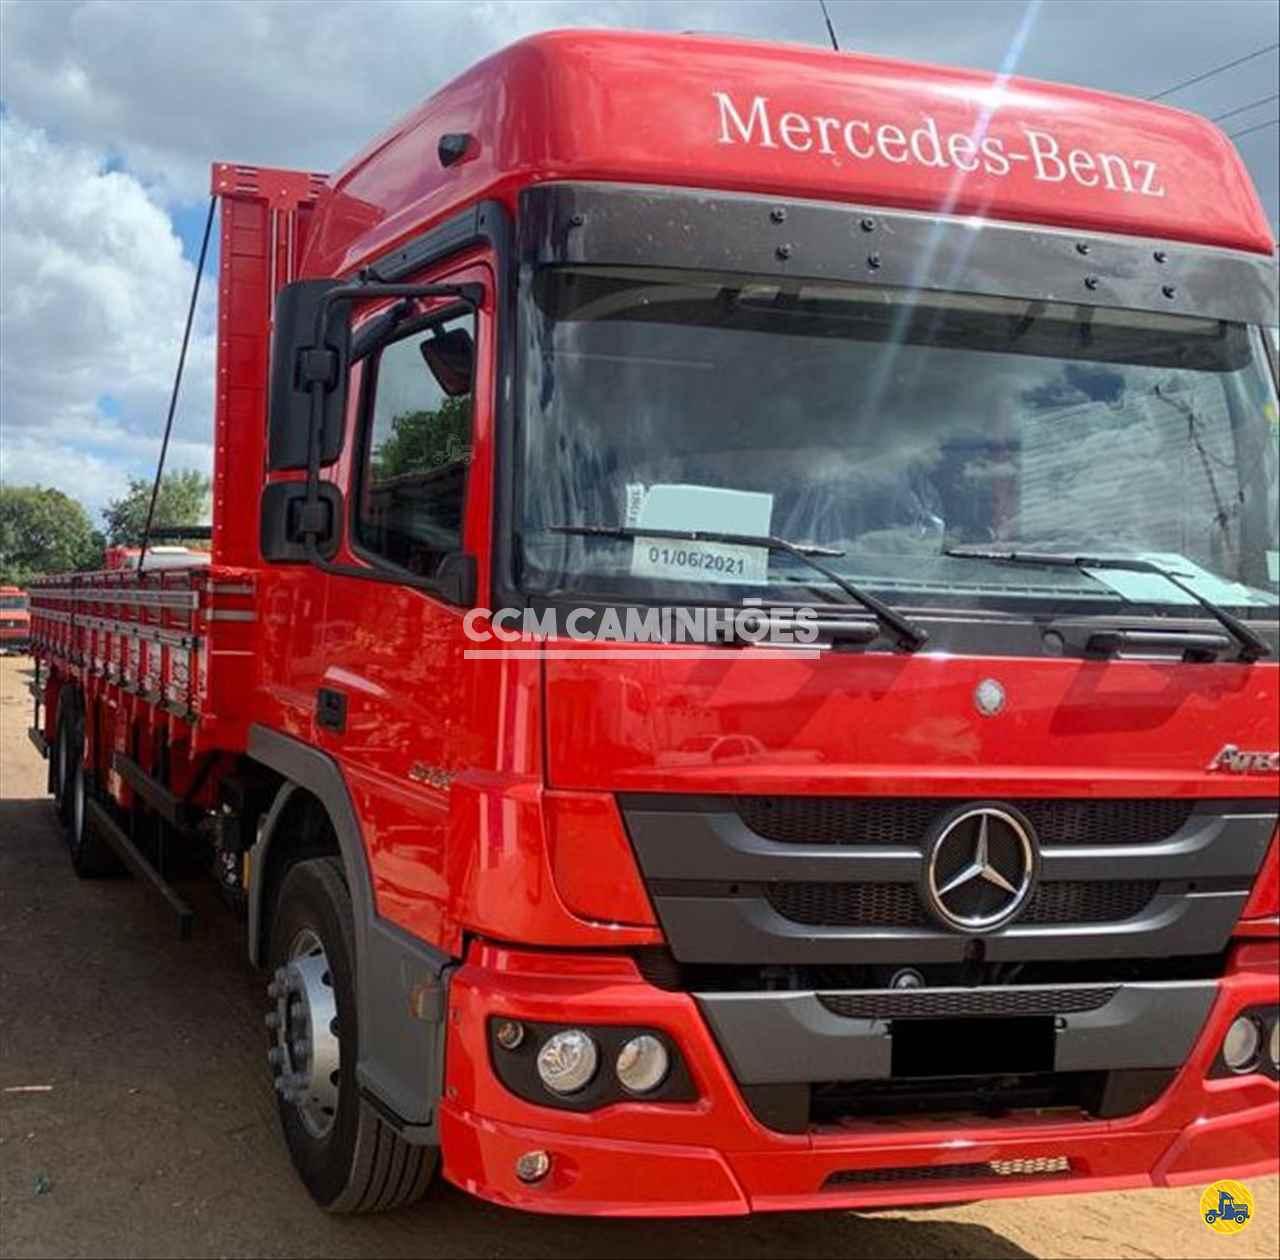 CAMINHAO MERCEDES-BENZ MB 2430 Carga Seca Truck 6x2 CCM Caminhões GOIANIA GOIAS GO